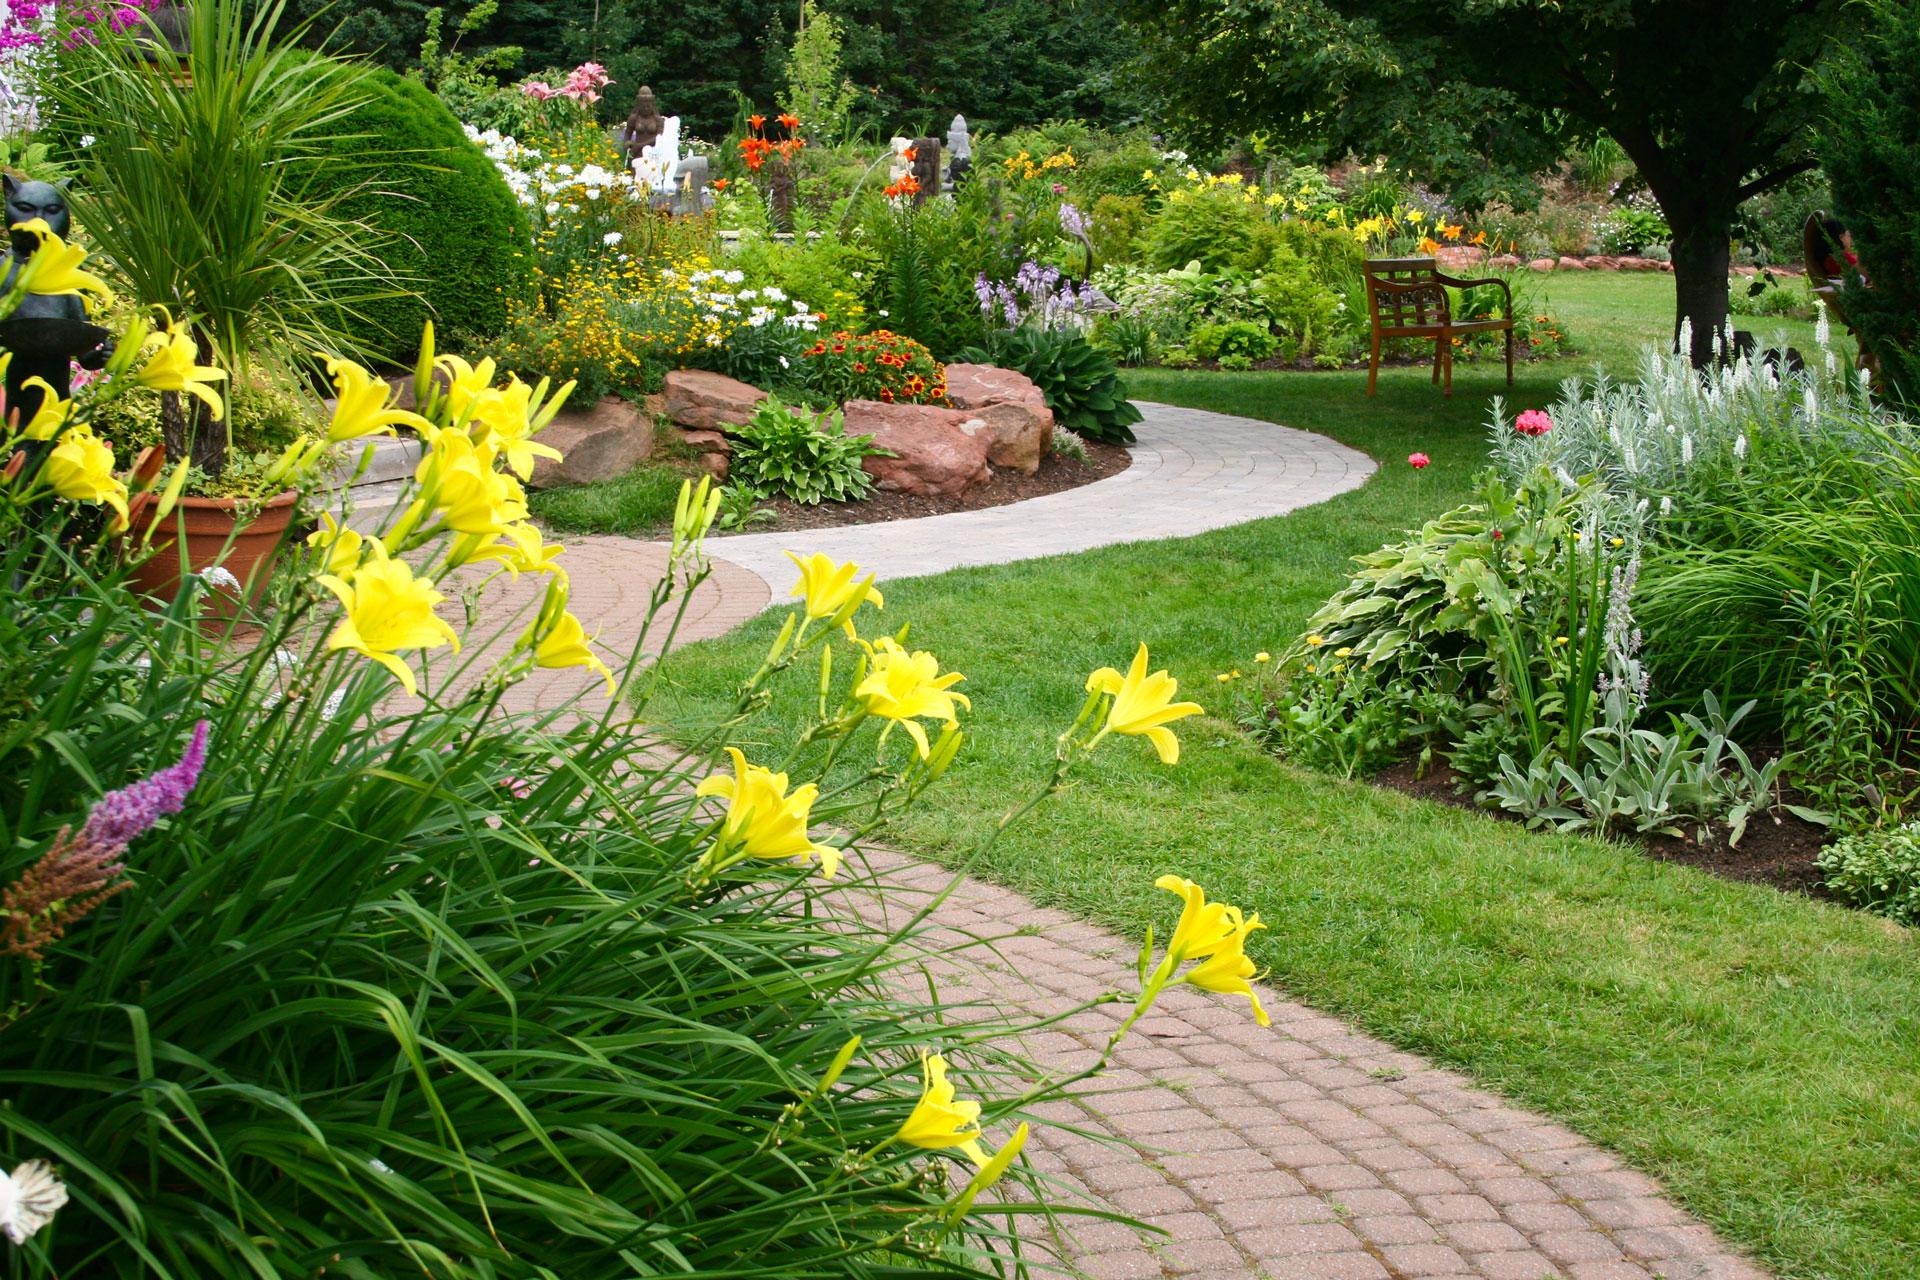 Pasqua 2021 Giardino fiorito